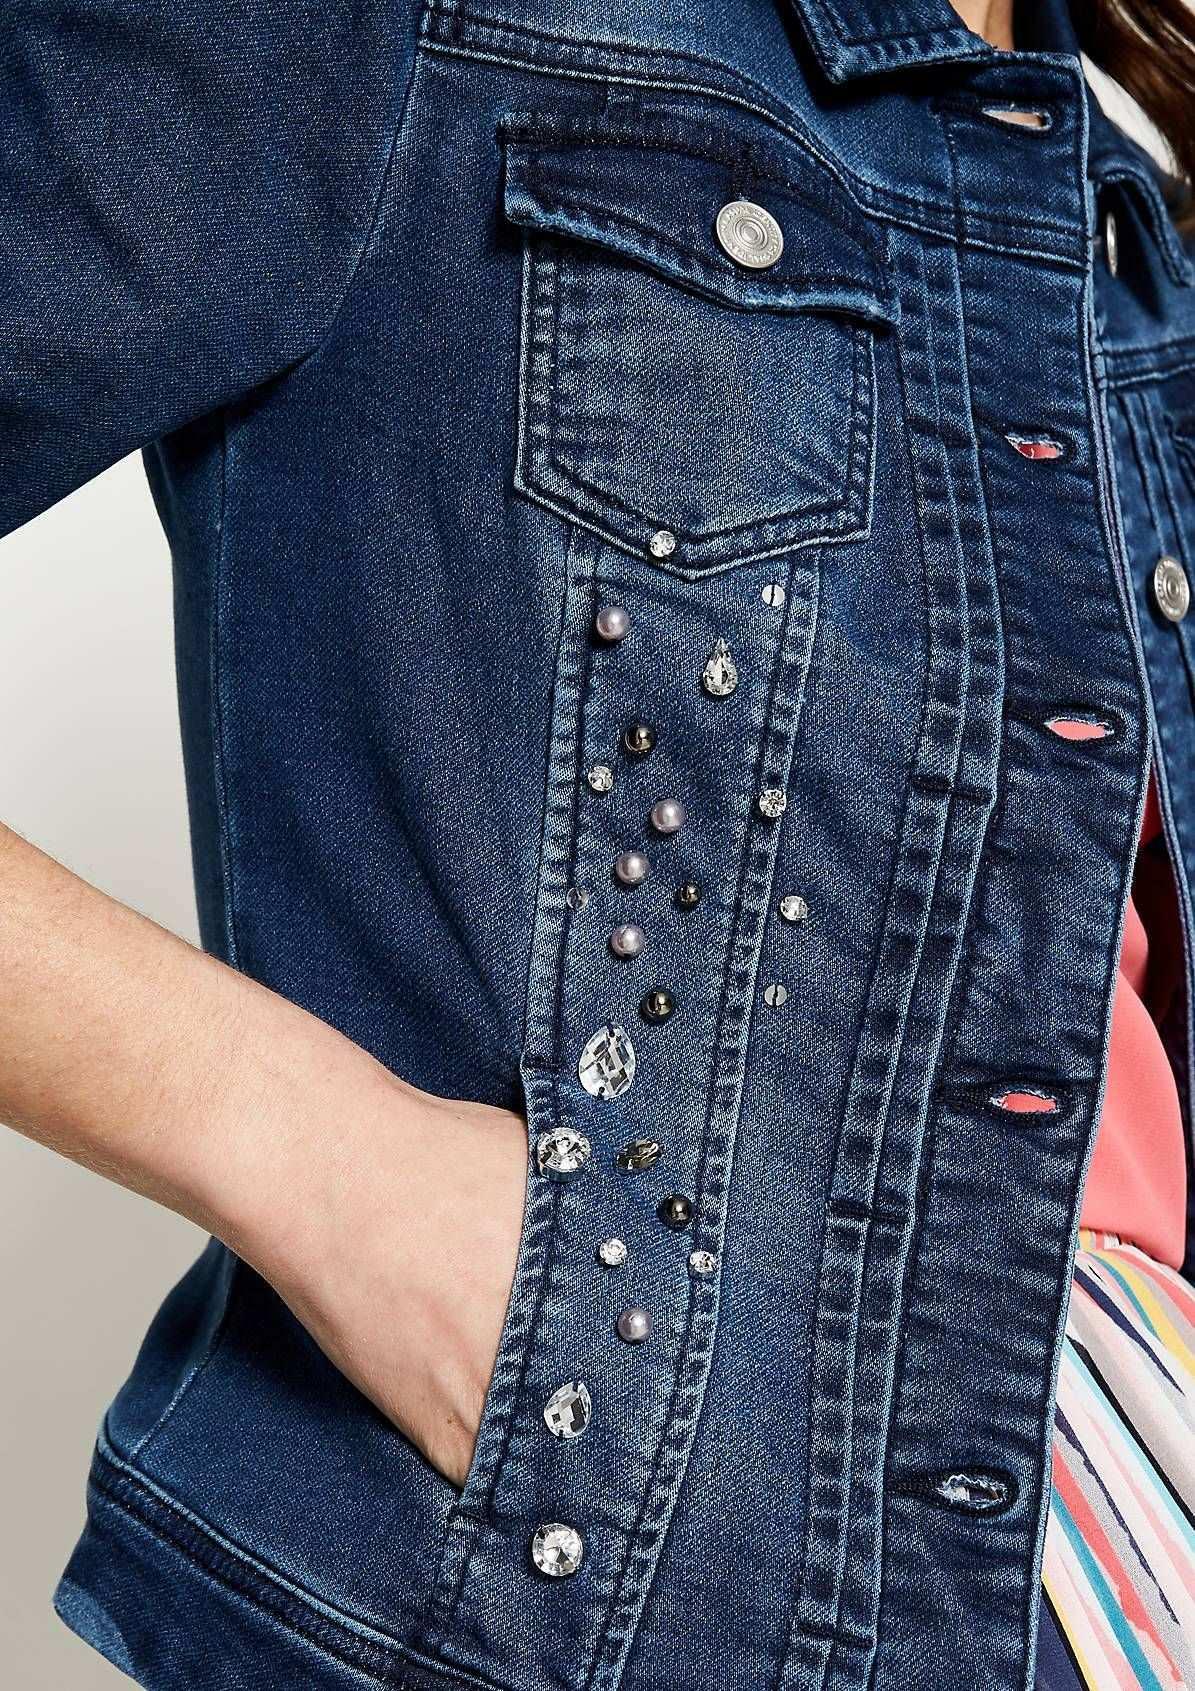 Sweaterjacke In Jeans Optik Jacken Bluse Jeans